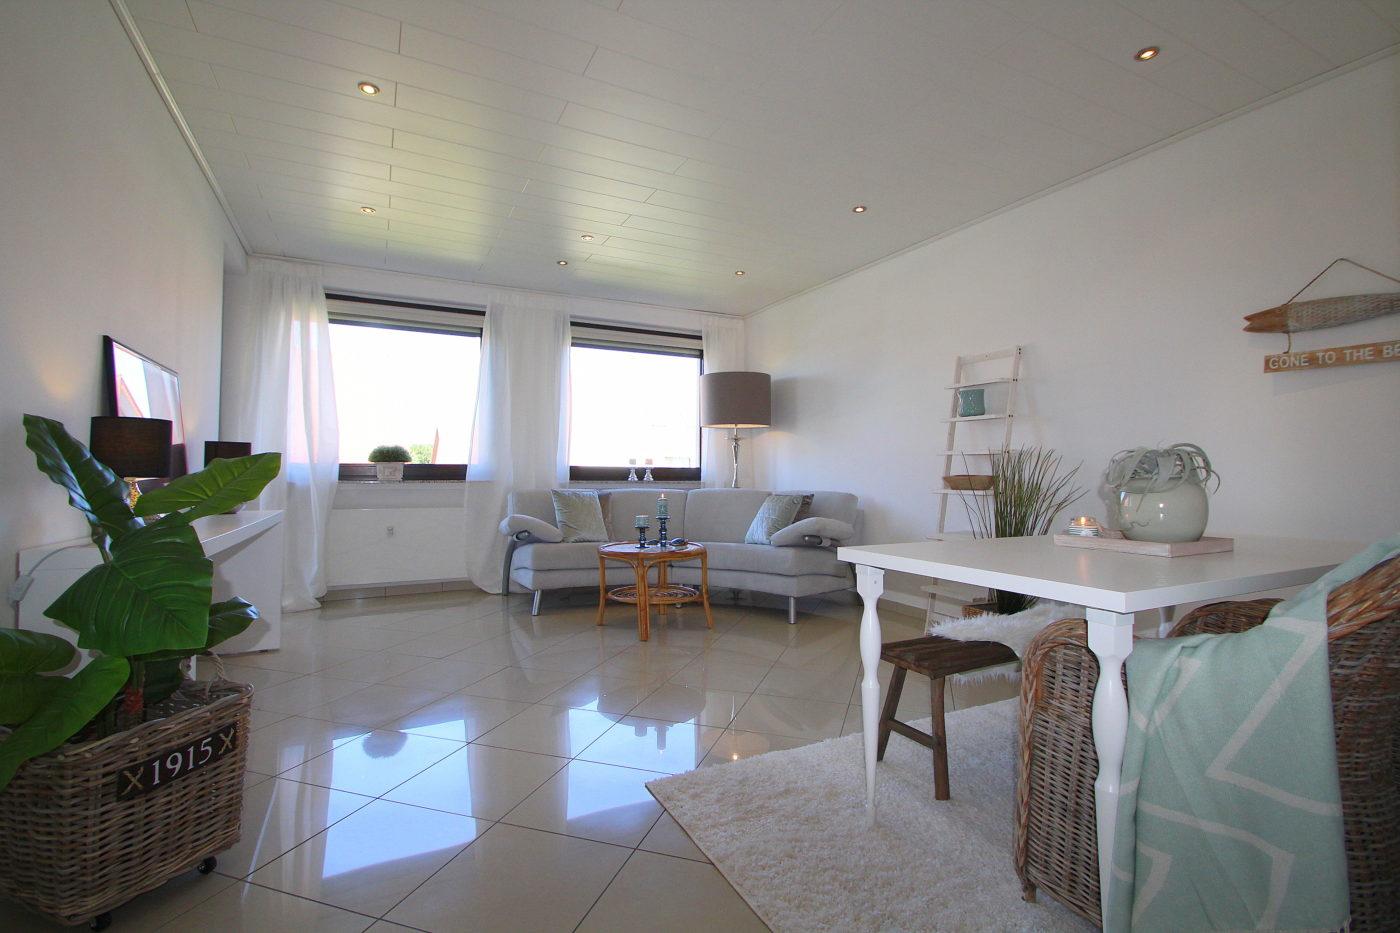 Wohnzimmer nach dem Homestaging durch Blickfang Homestaging in Soest